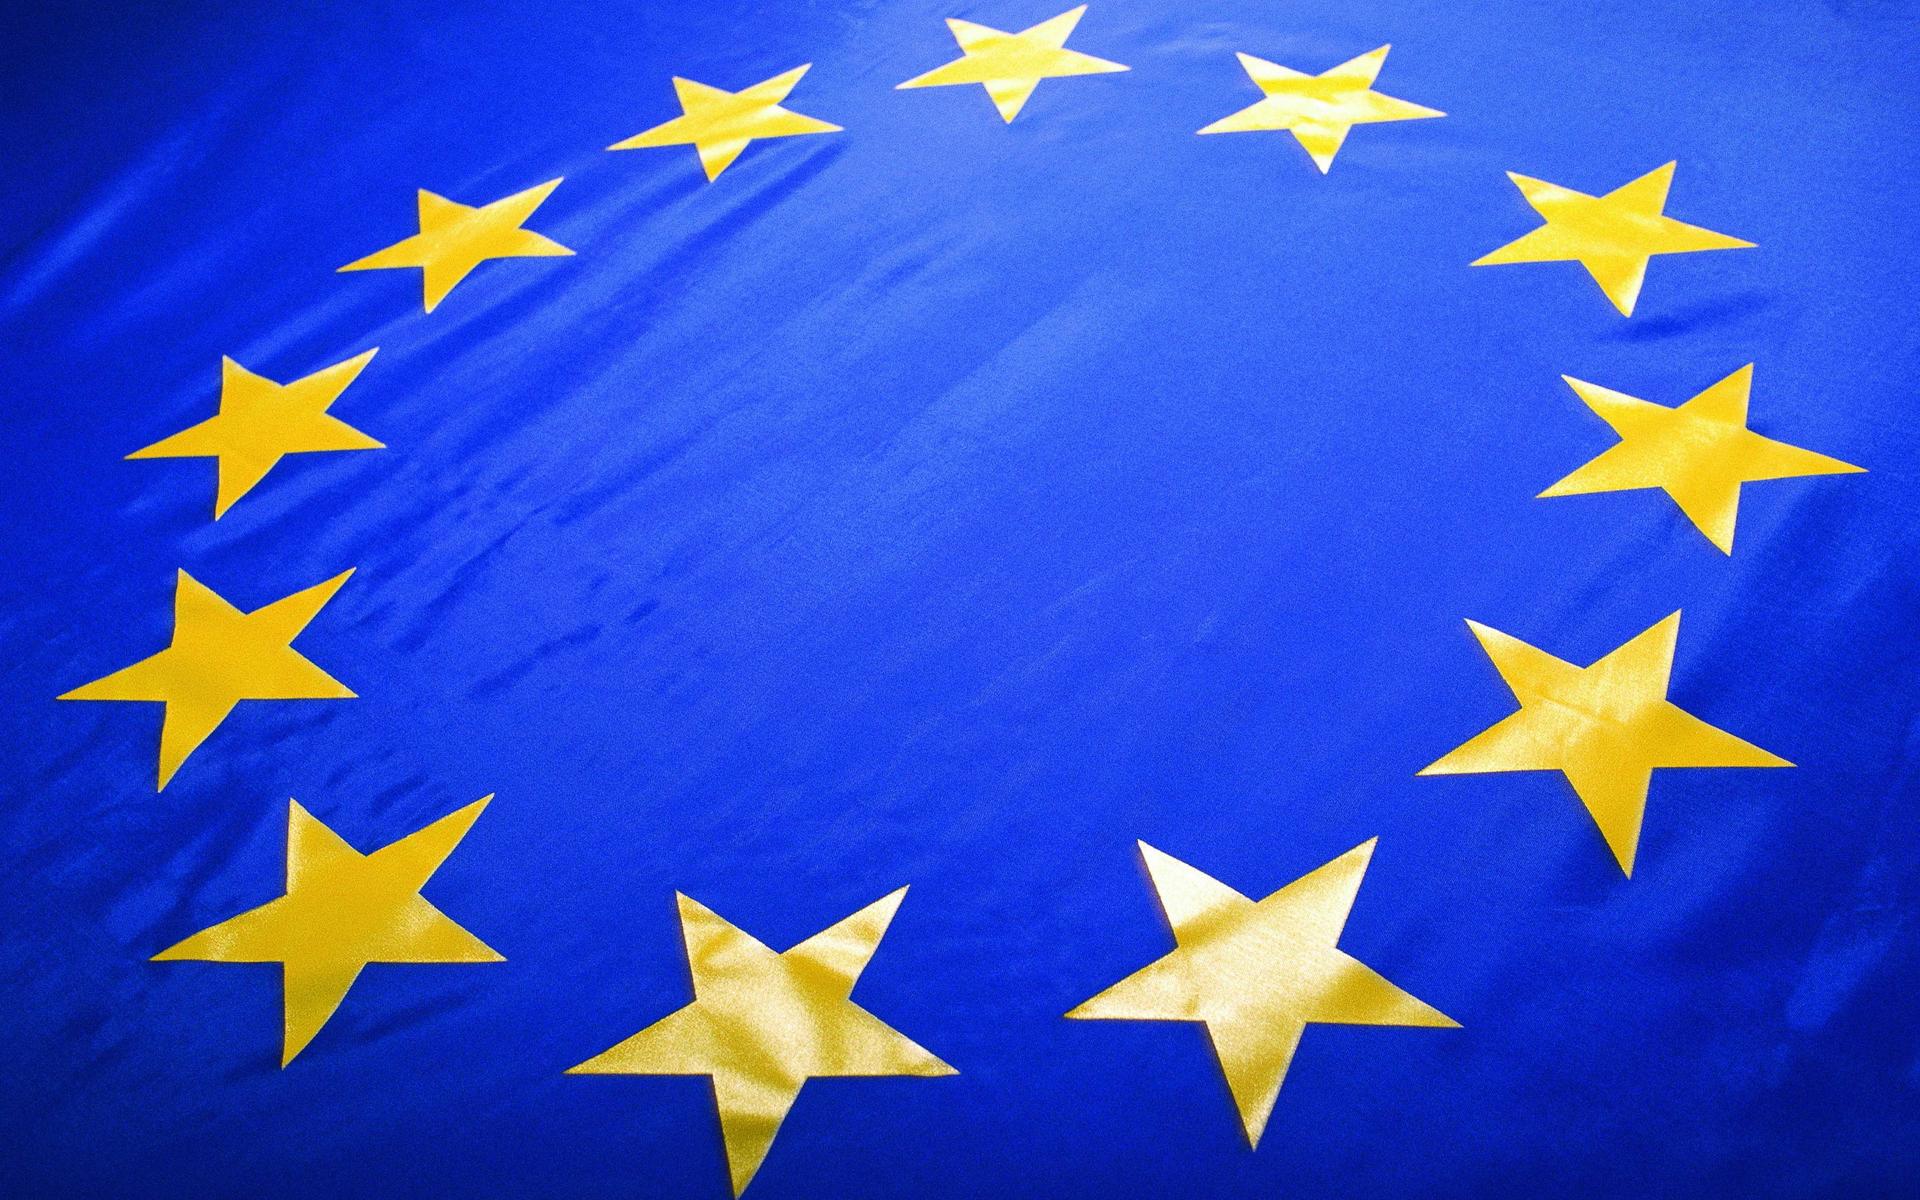 Додон: ЕС должен был бы быть заинтересован в запрете на использование своего флага вне Союза